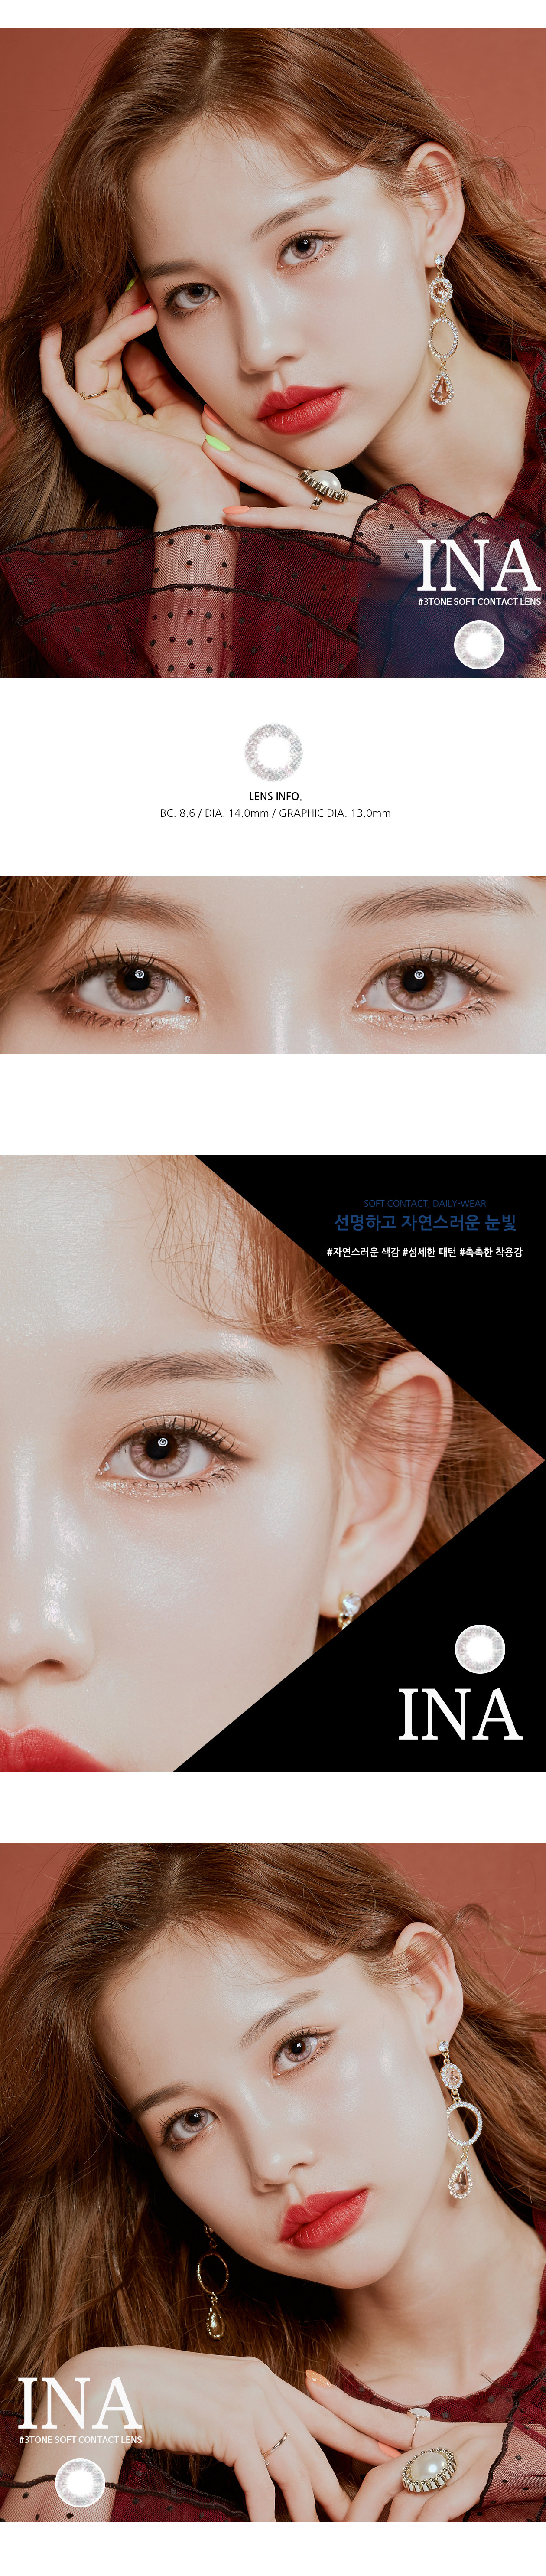 ina-gray-circle-lenses.jpg